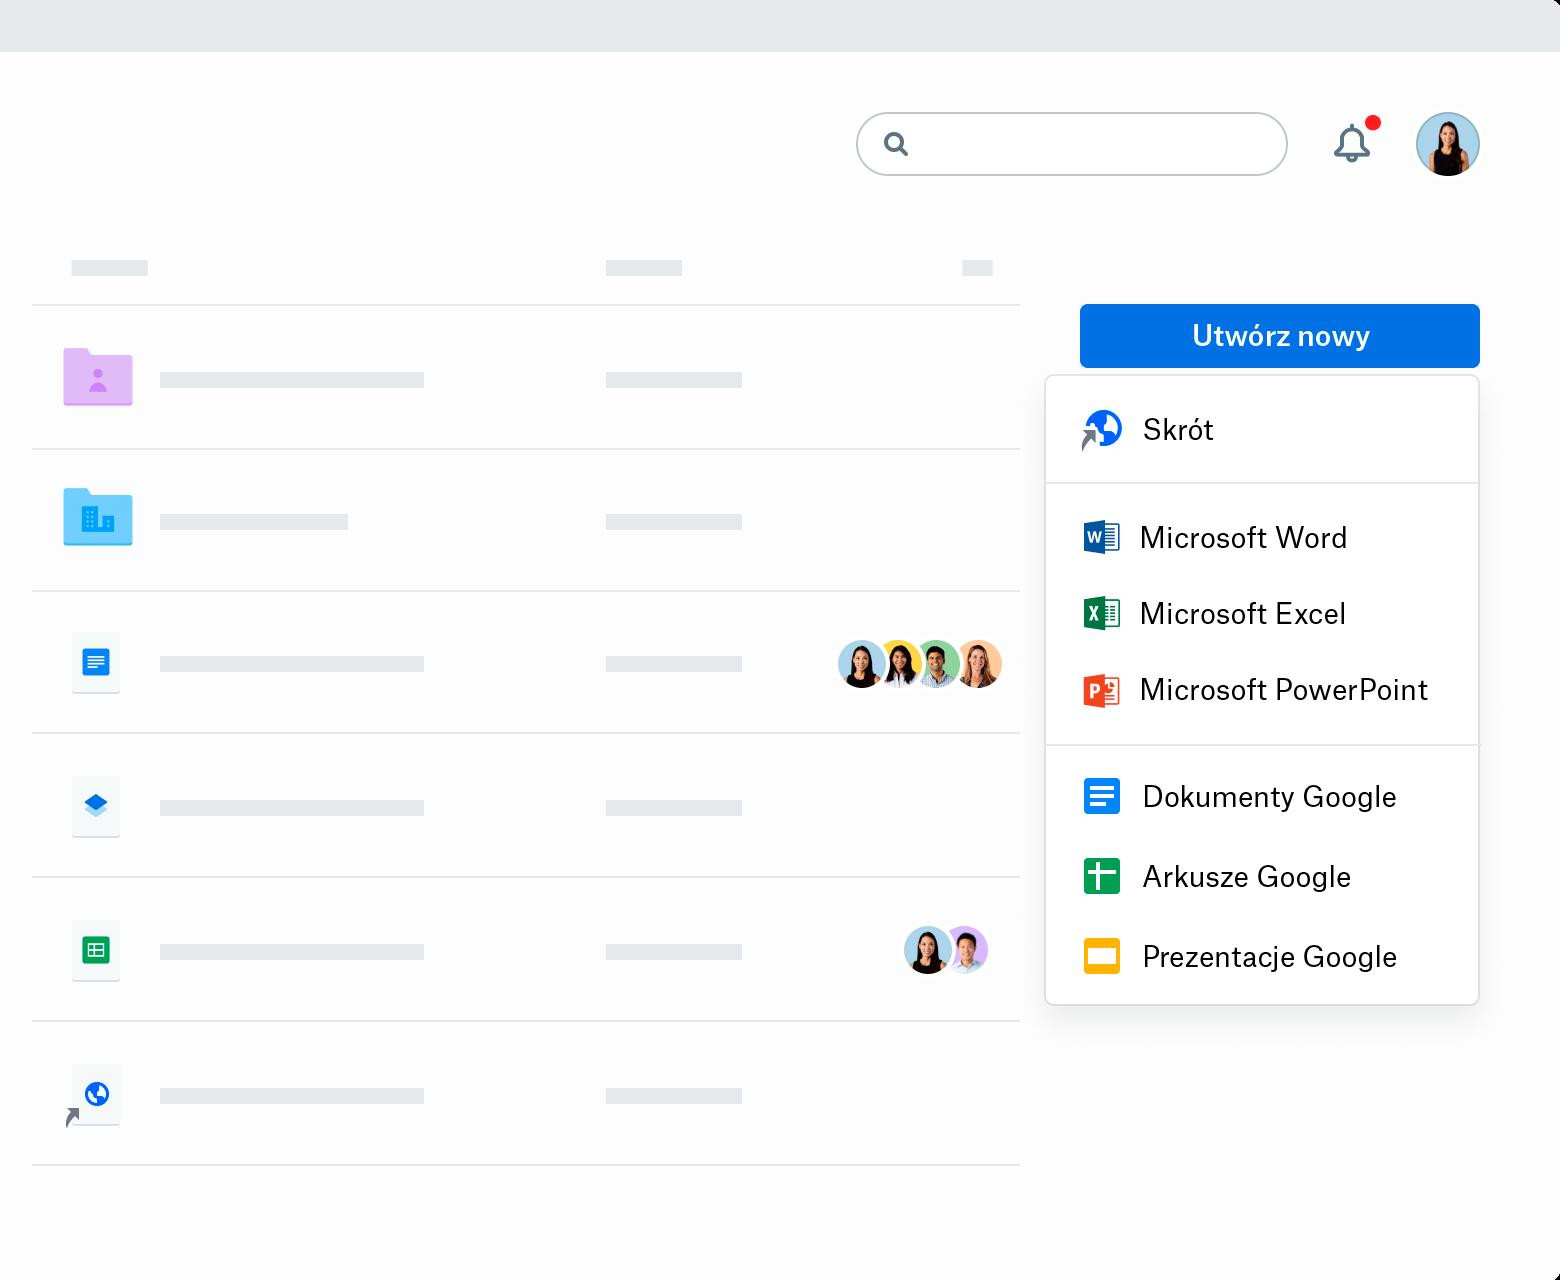 """Zrzut ekranu z menu rozwijanego """"Utwórz nowy"""" na stronie Dropbox.com. W menu znajdziesz skróty, Microsoft Word, Microsoft Excel, Microsoft PowerPoint, Google Docs, Google Sheets i Google Slides."""